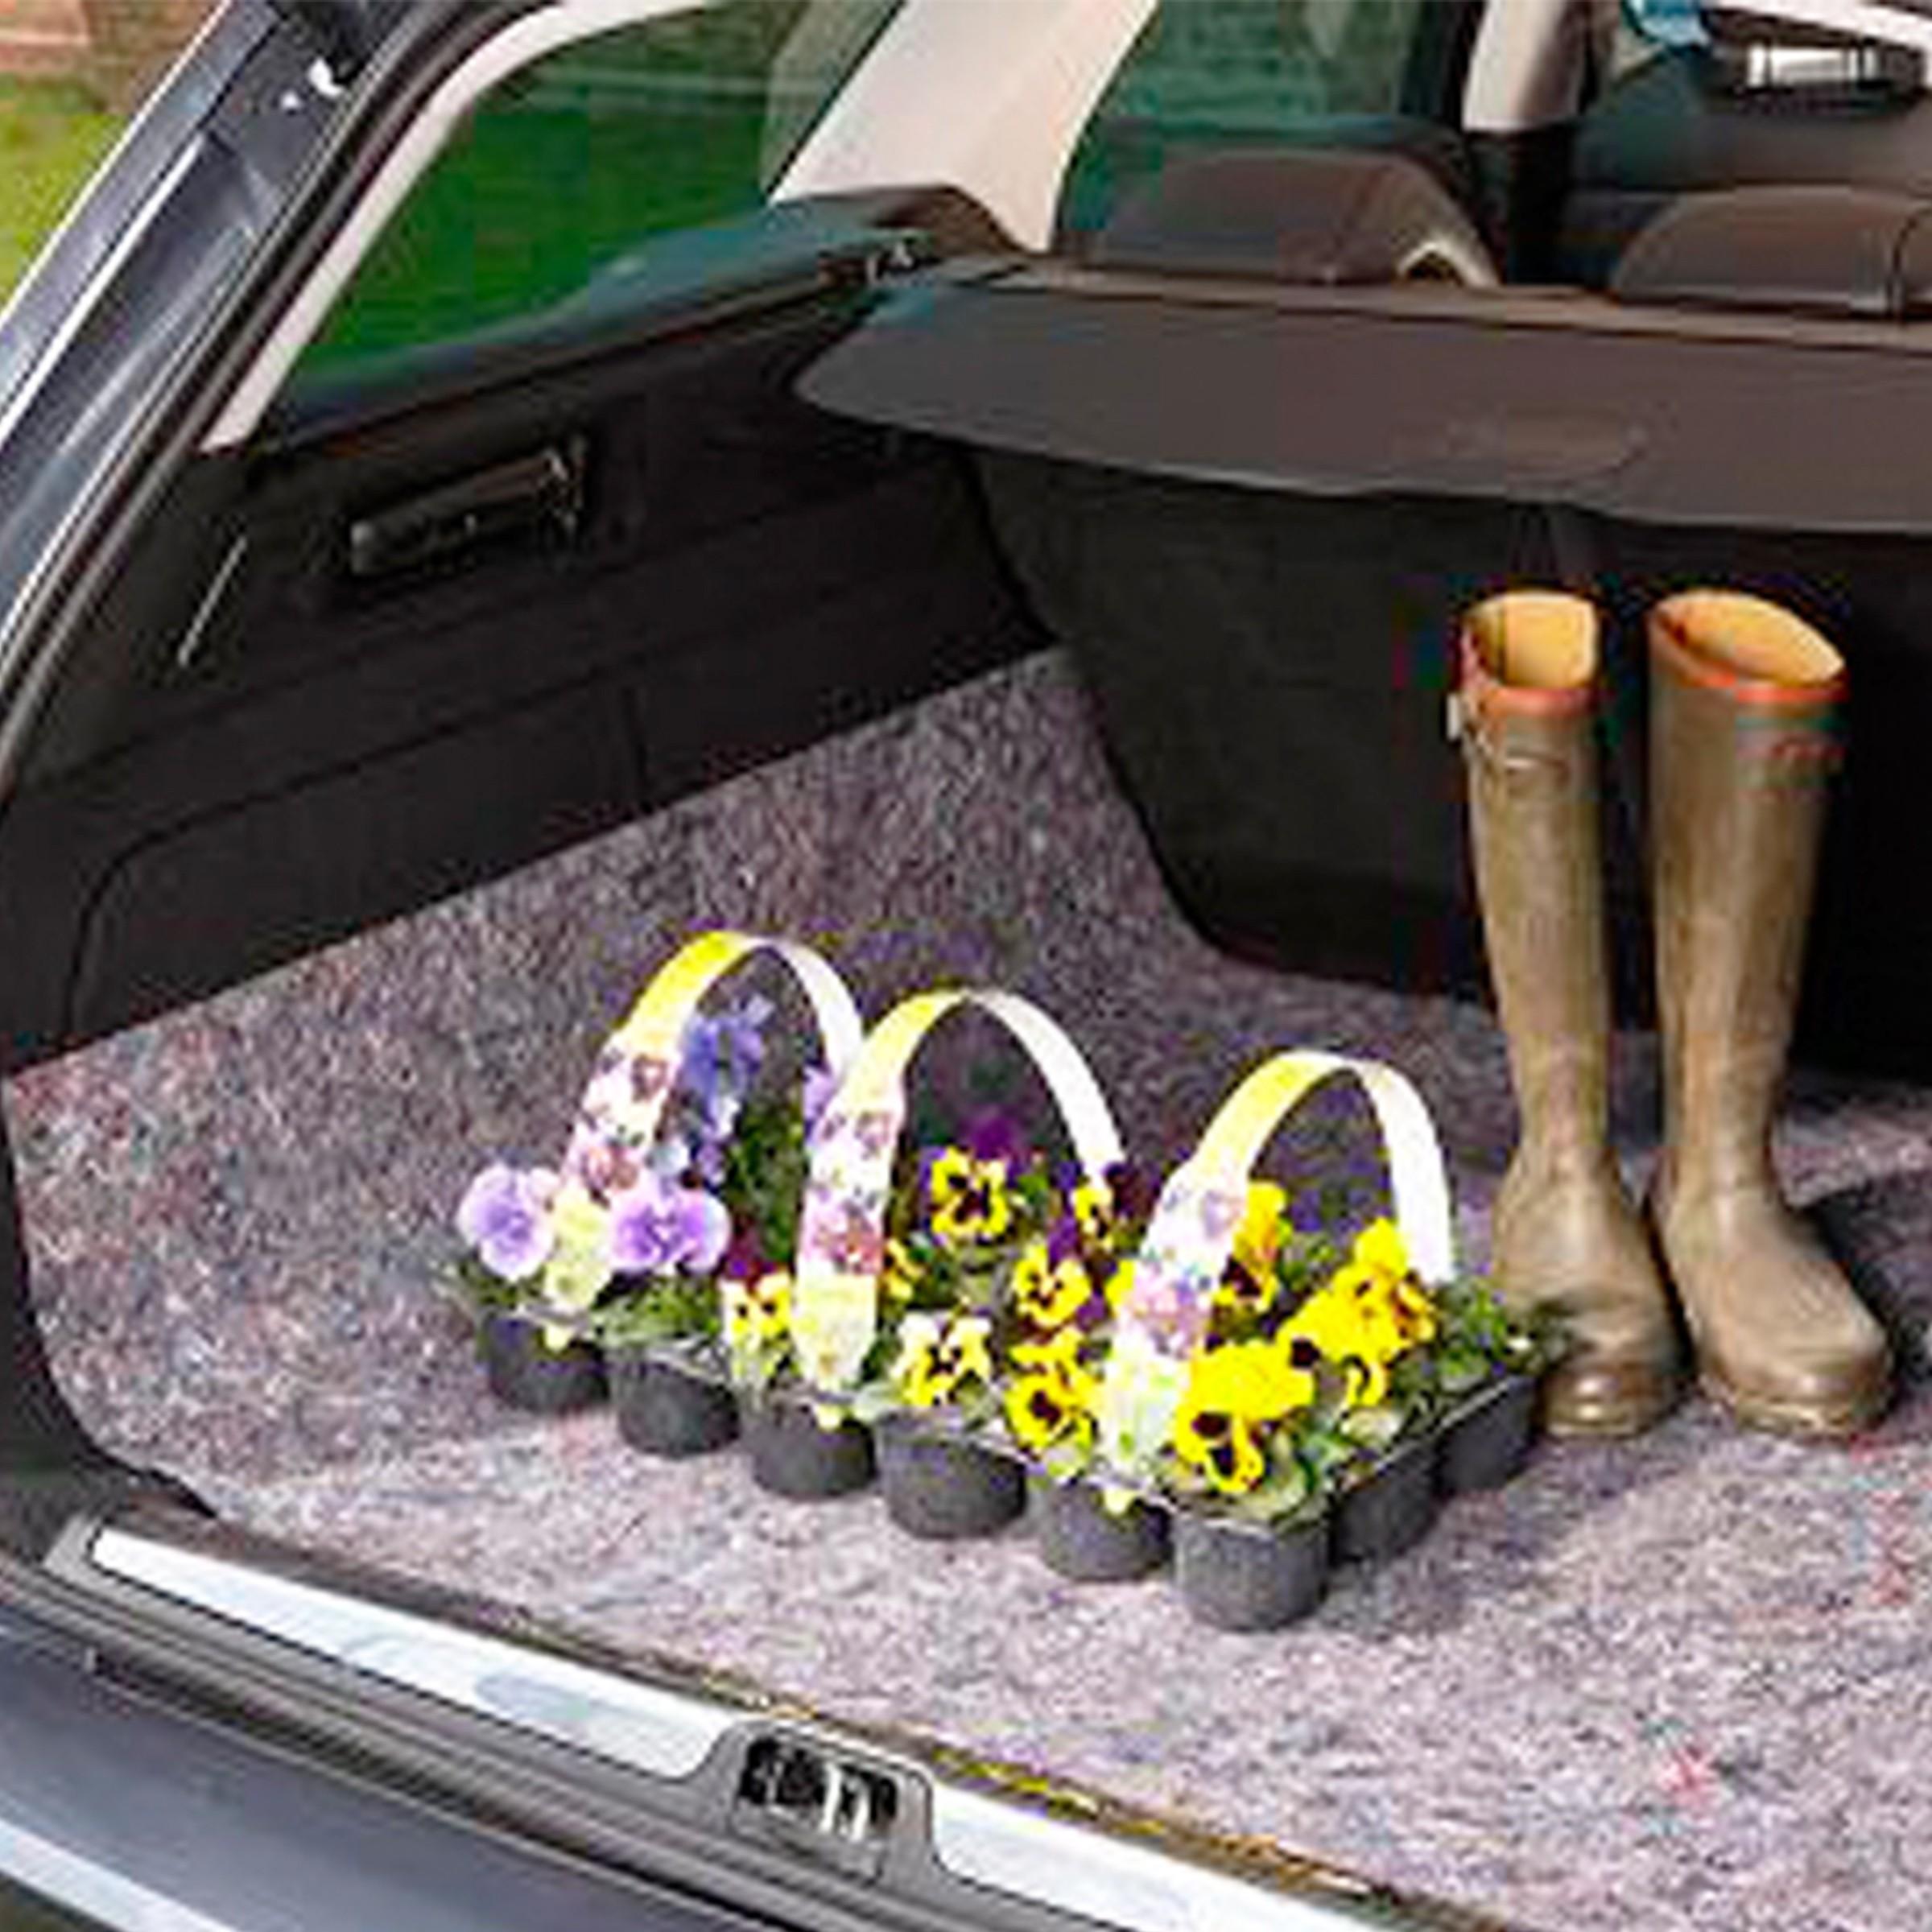 Couverture de protection imperméable grise pour coffre de voiture